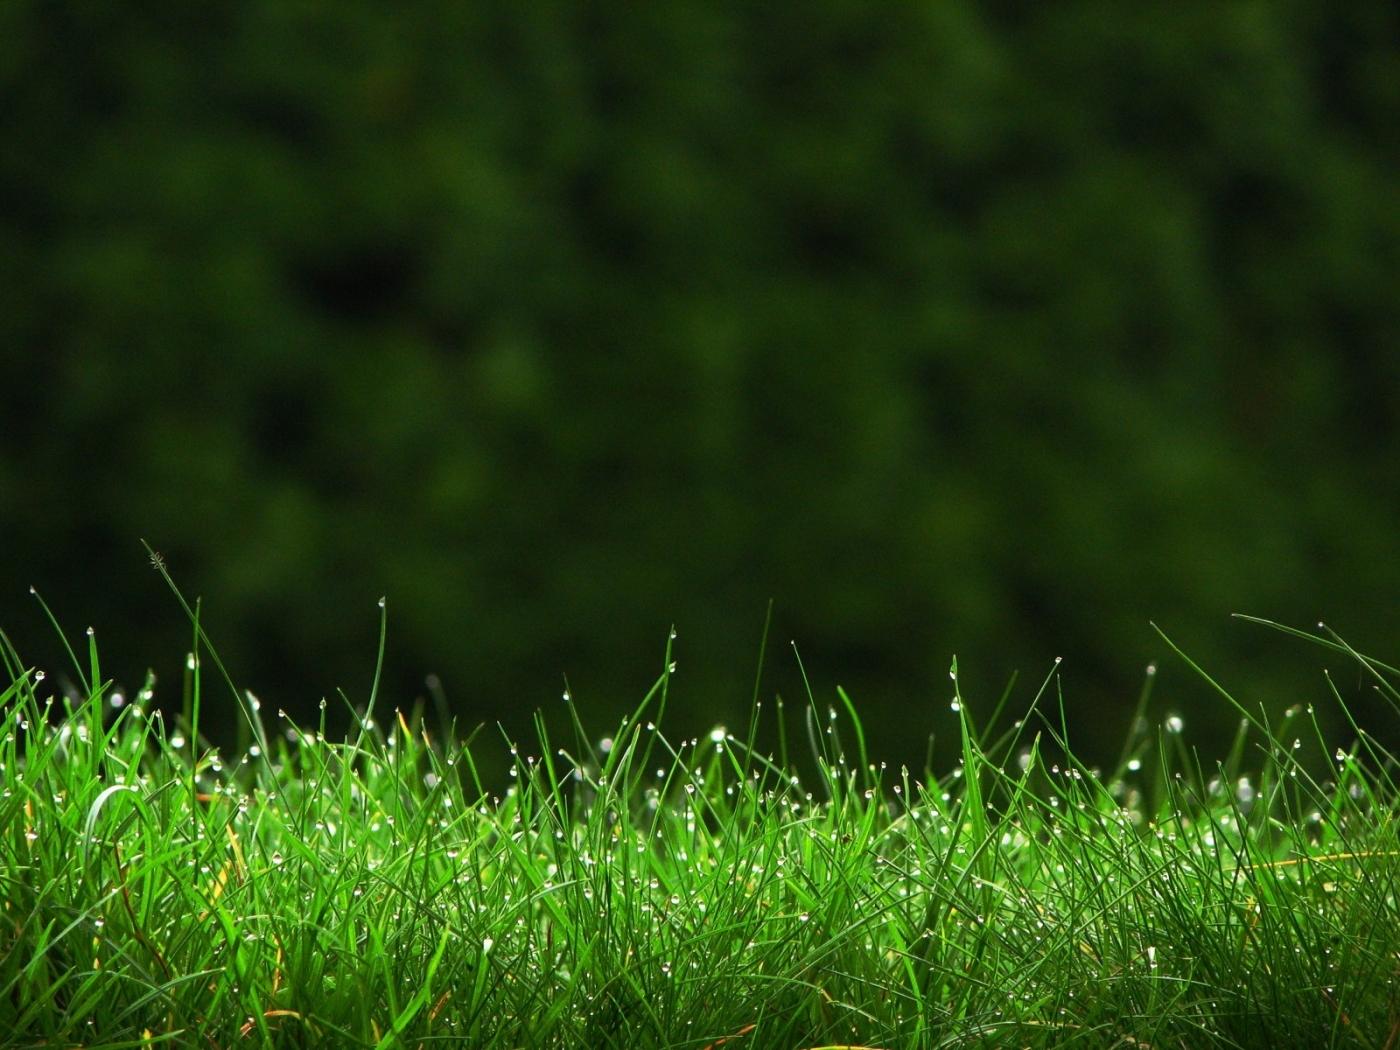 43941 скачать обои Растения, Пейзаж, Трава - заставки и картинки бесплатно